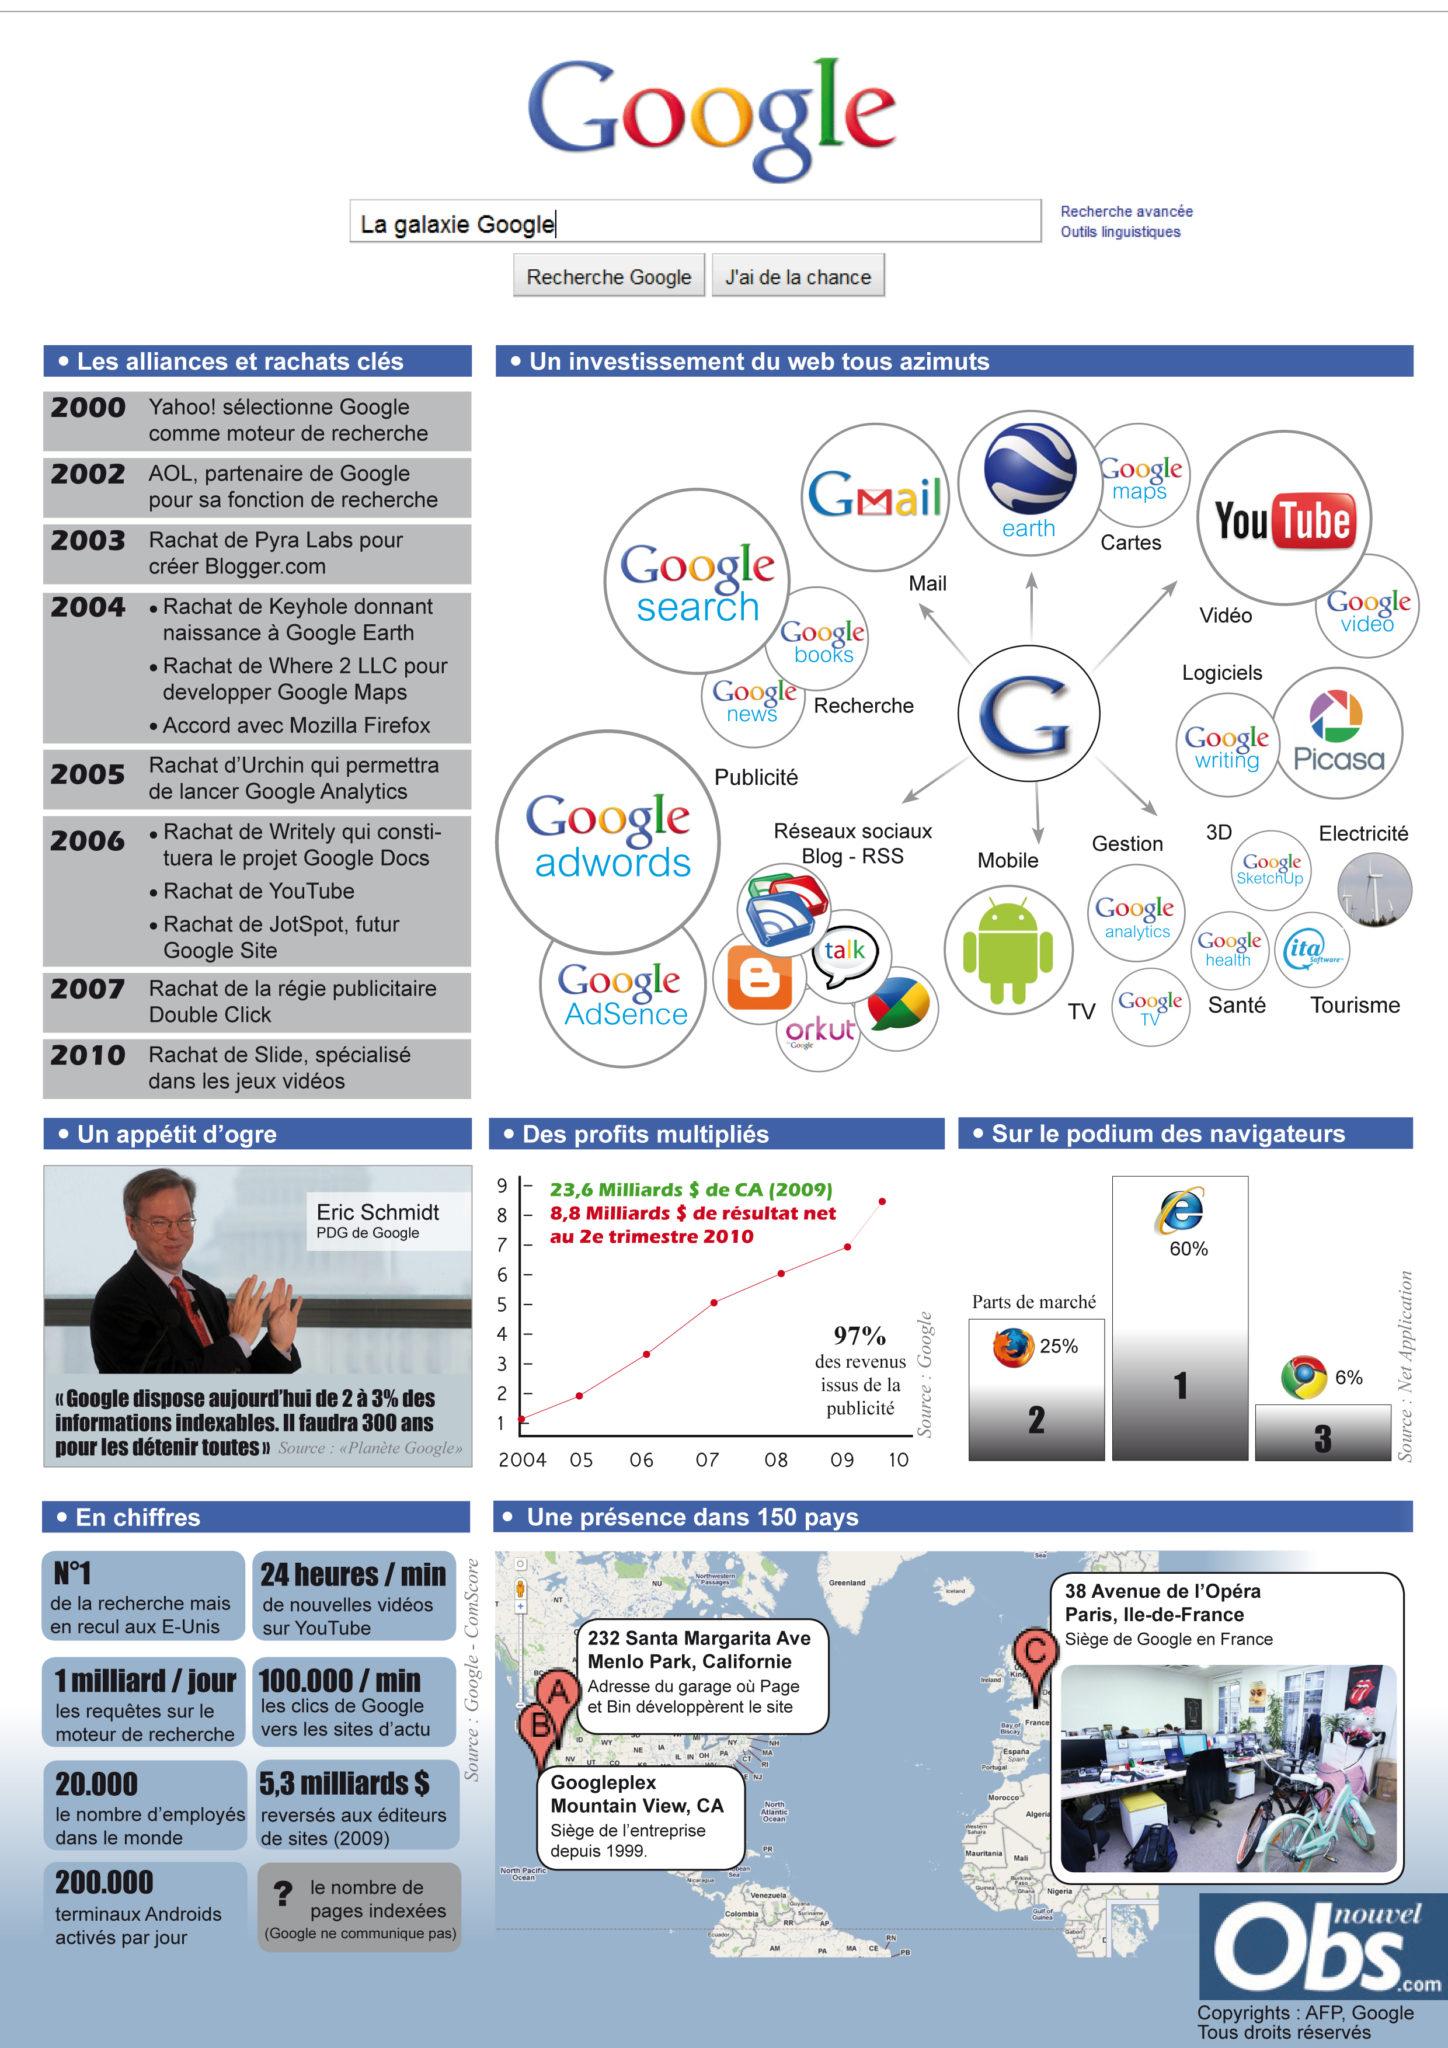 Empire de Google en 10 ans